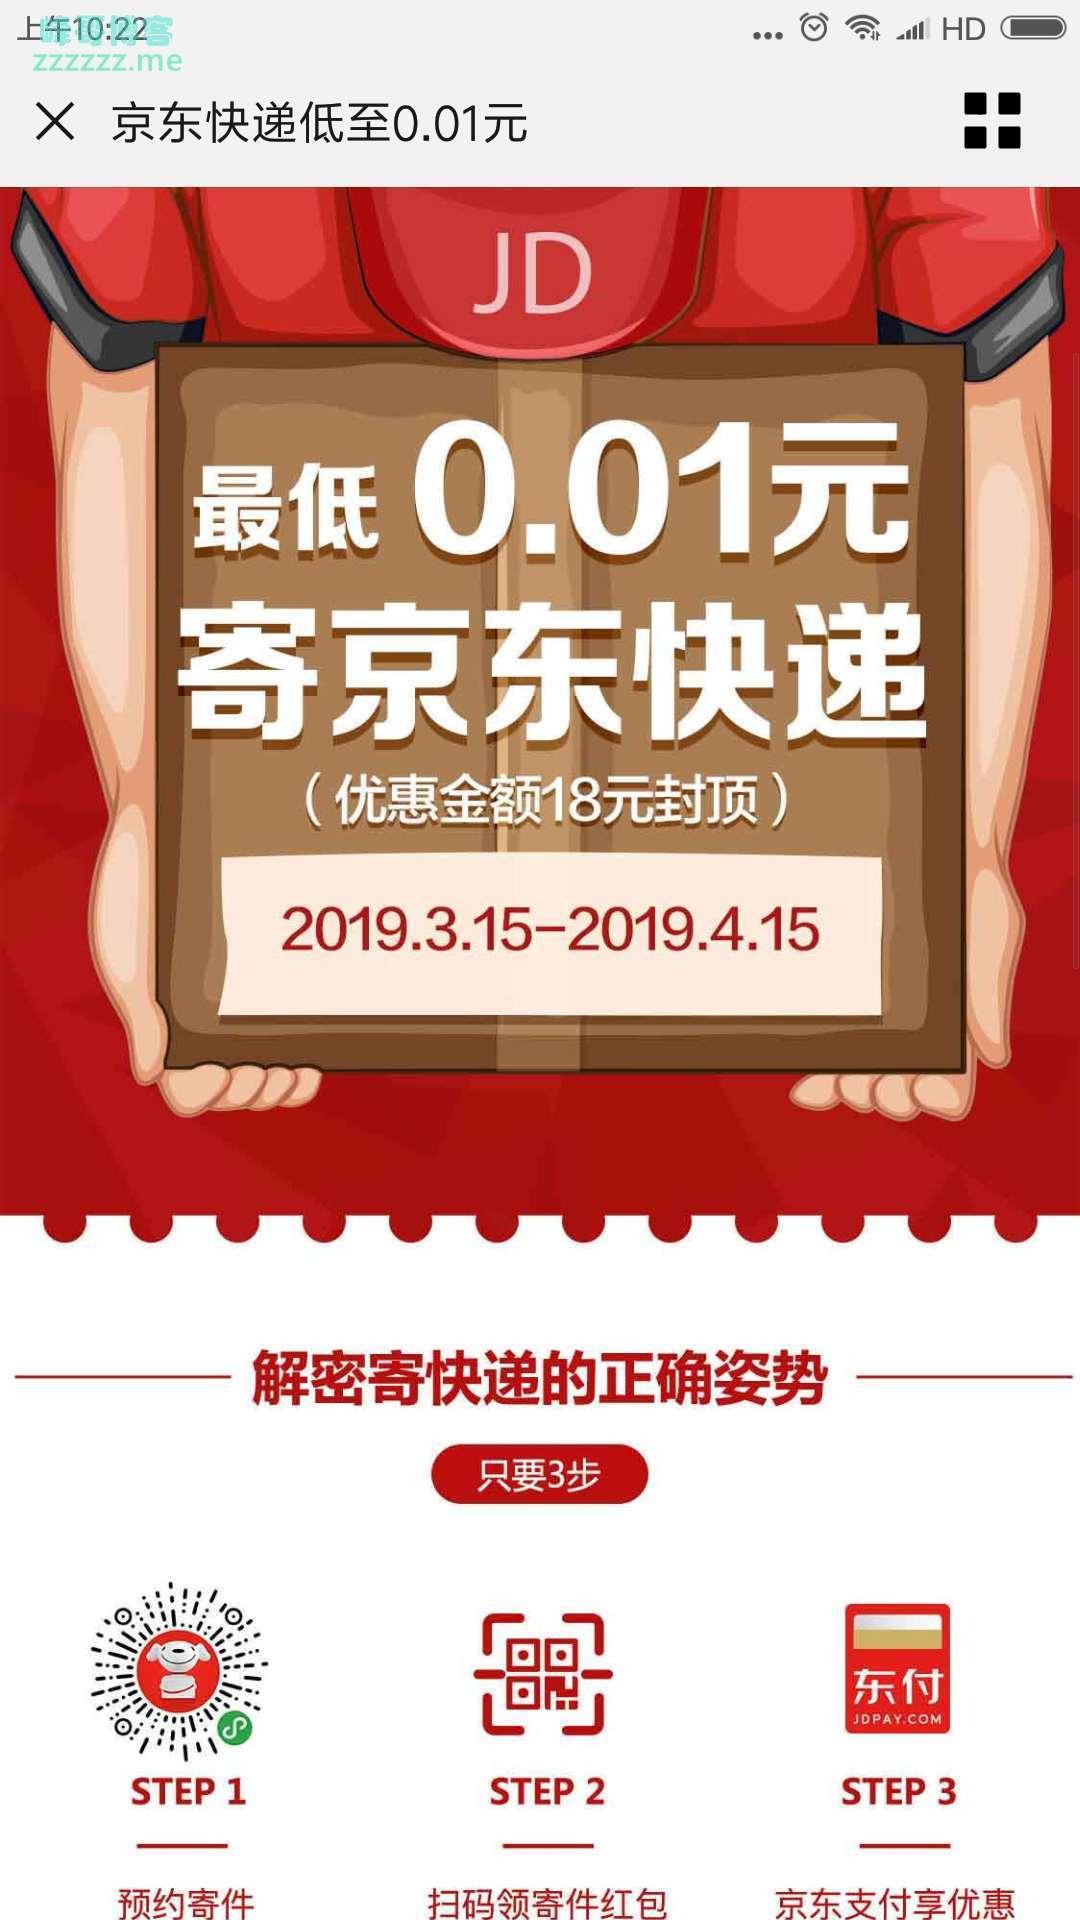 <京东>最低0.01元寄京东快递(截至4月15日)